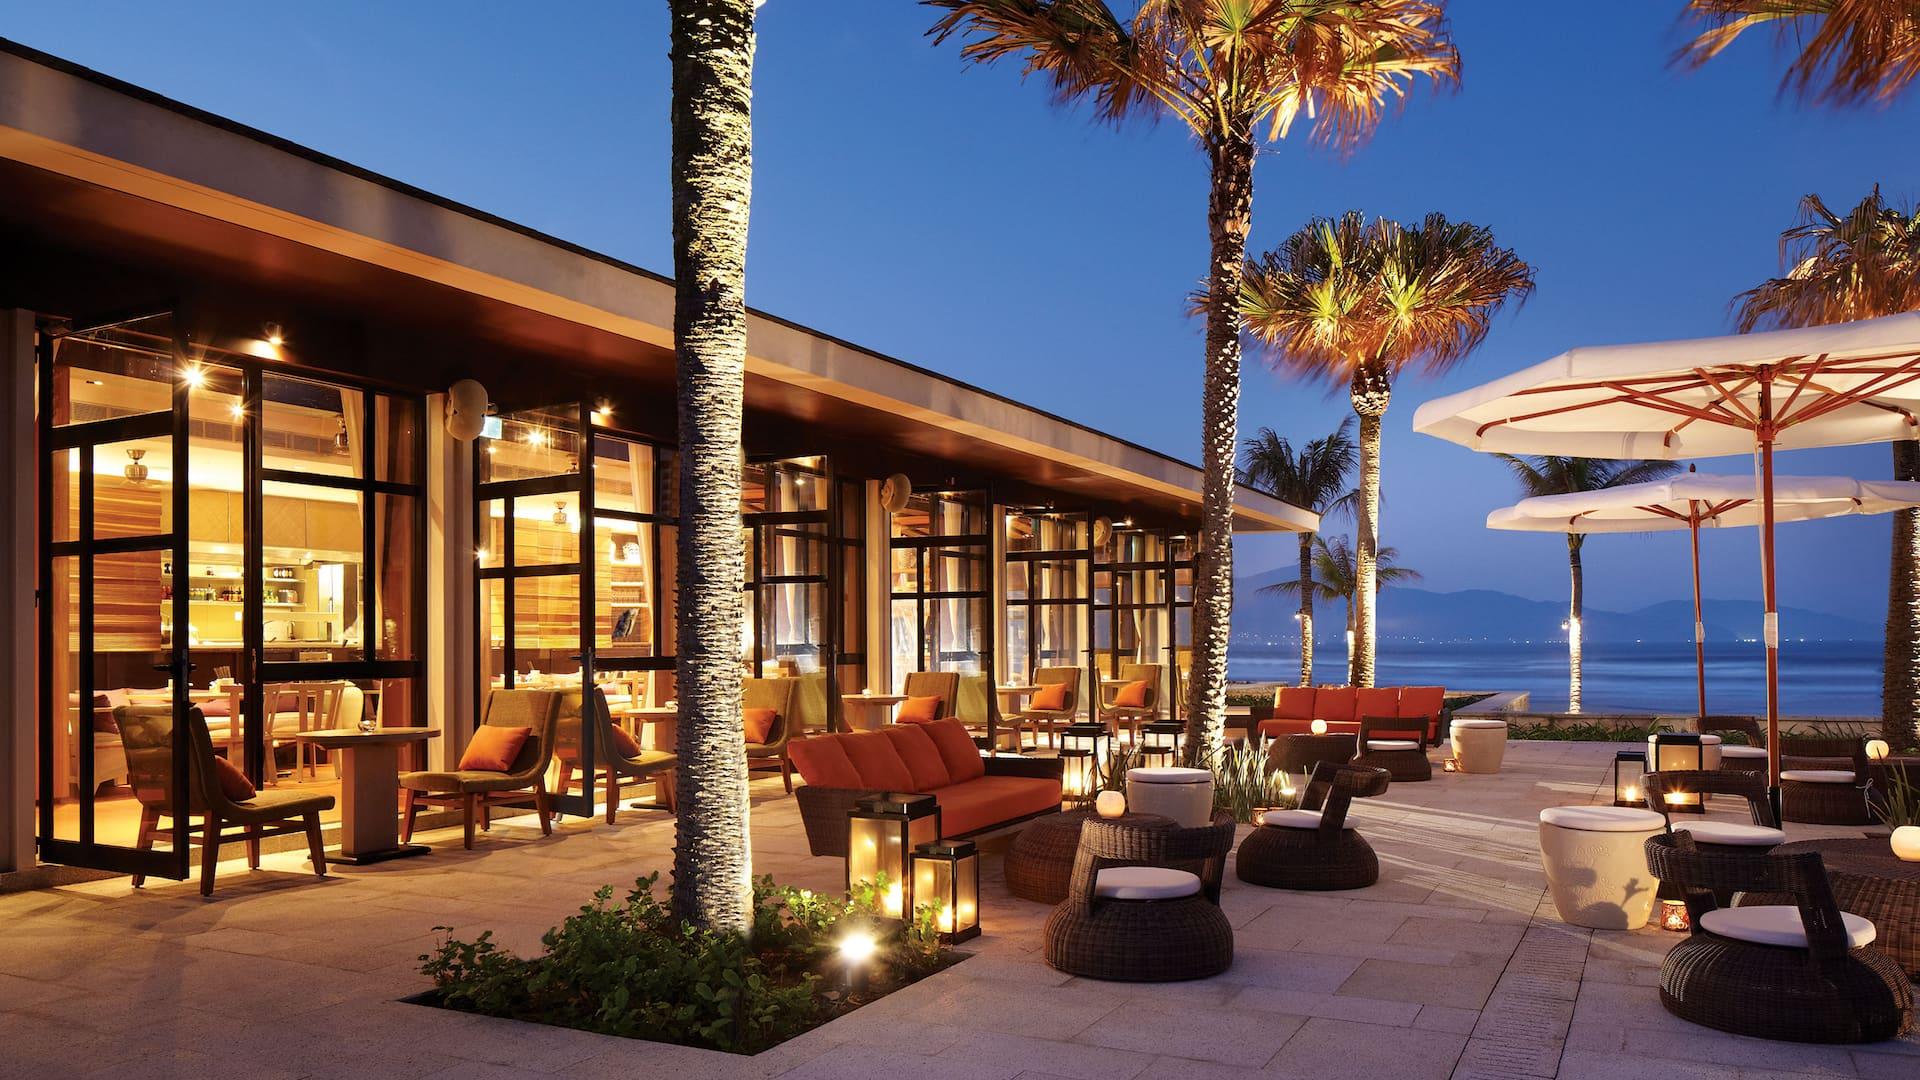 Da Nang Hotels on the Beach, Hyatt Regency